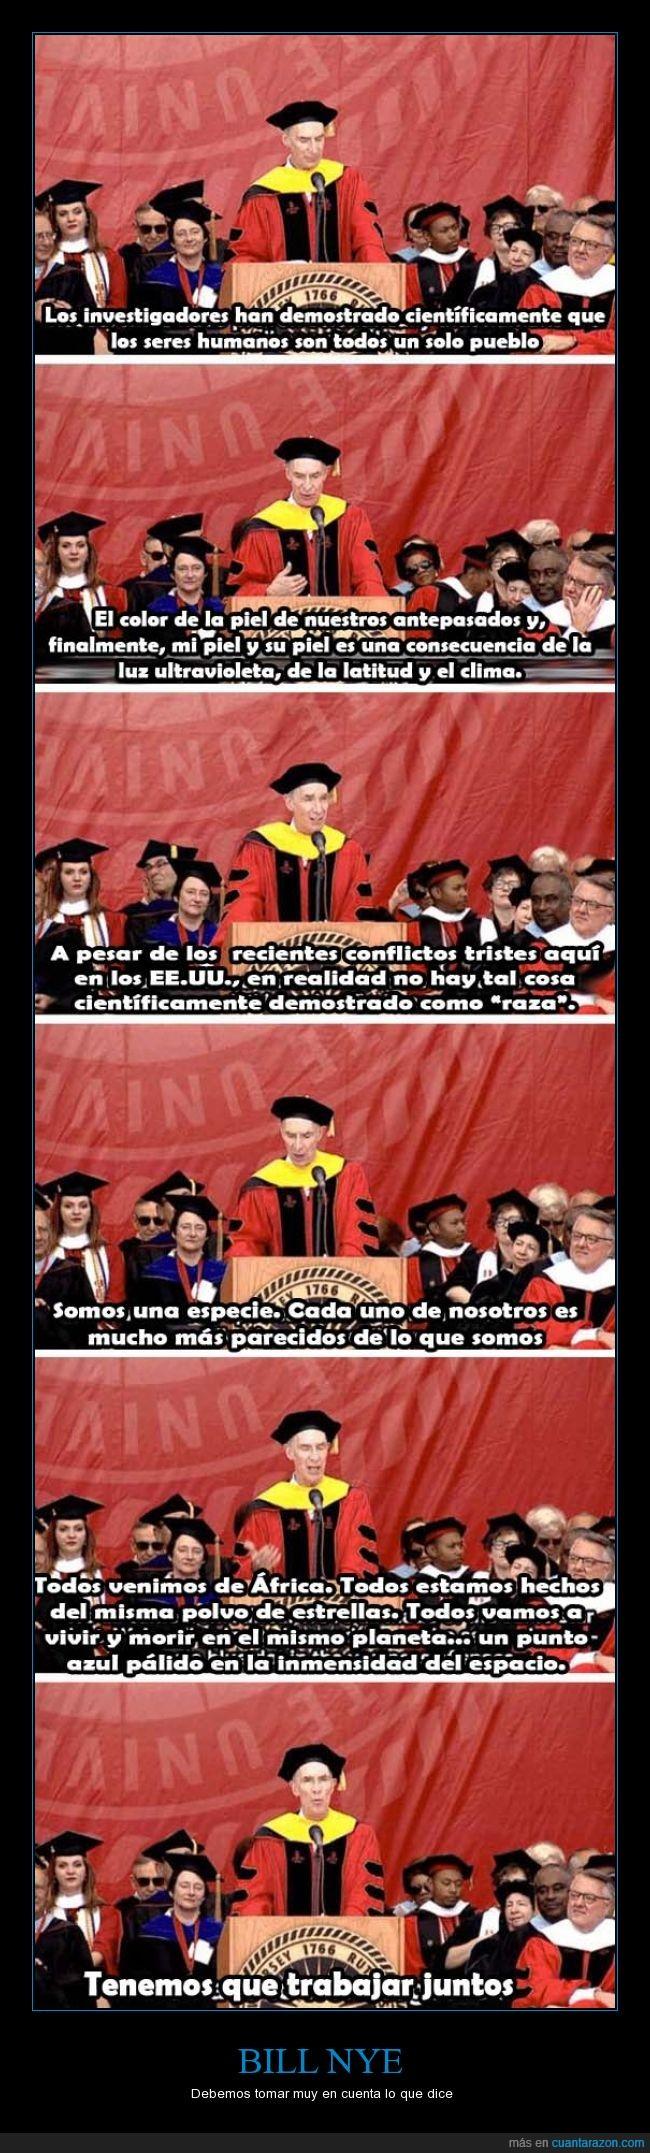 Bill Nye,discurso,el científico,especie,graduación,humanos,igual,raza,the Science Guy,todos